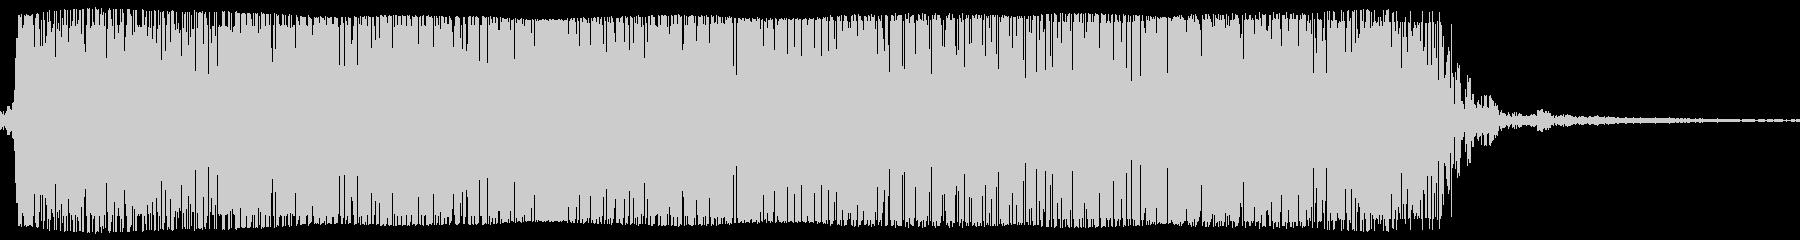 ギターメタルパワーコードzl wの未再生の波形